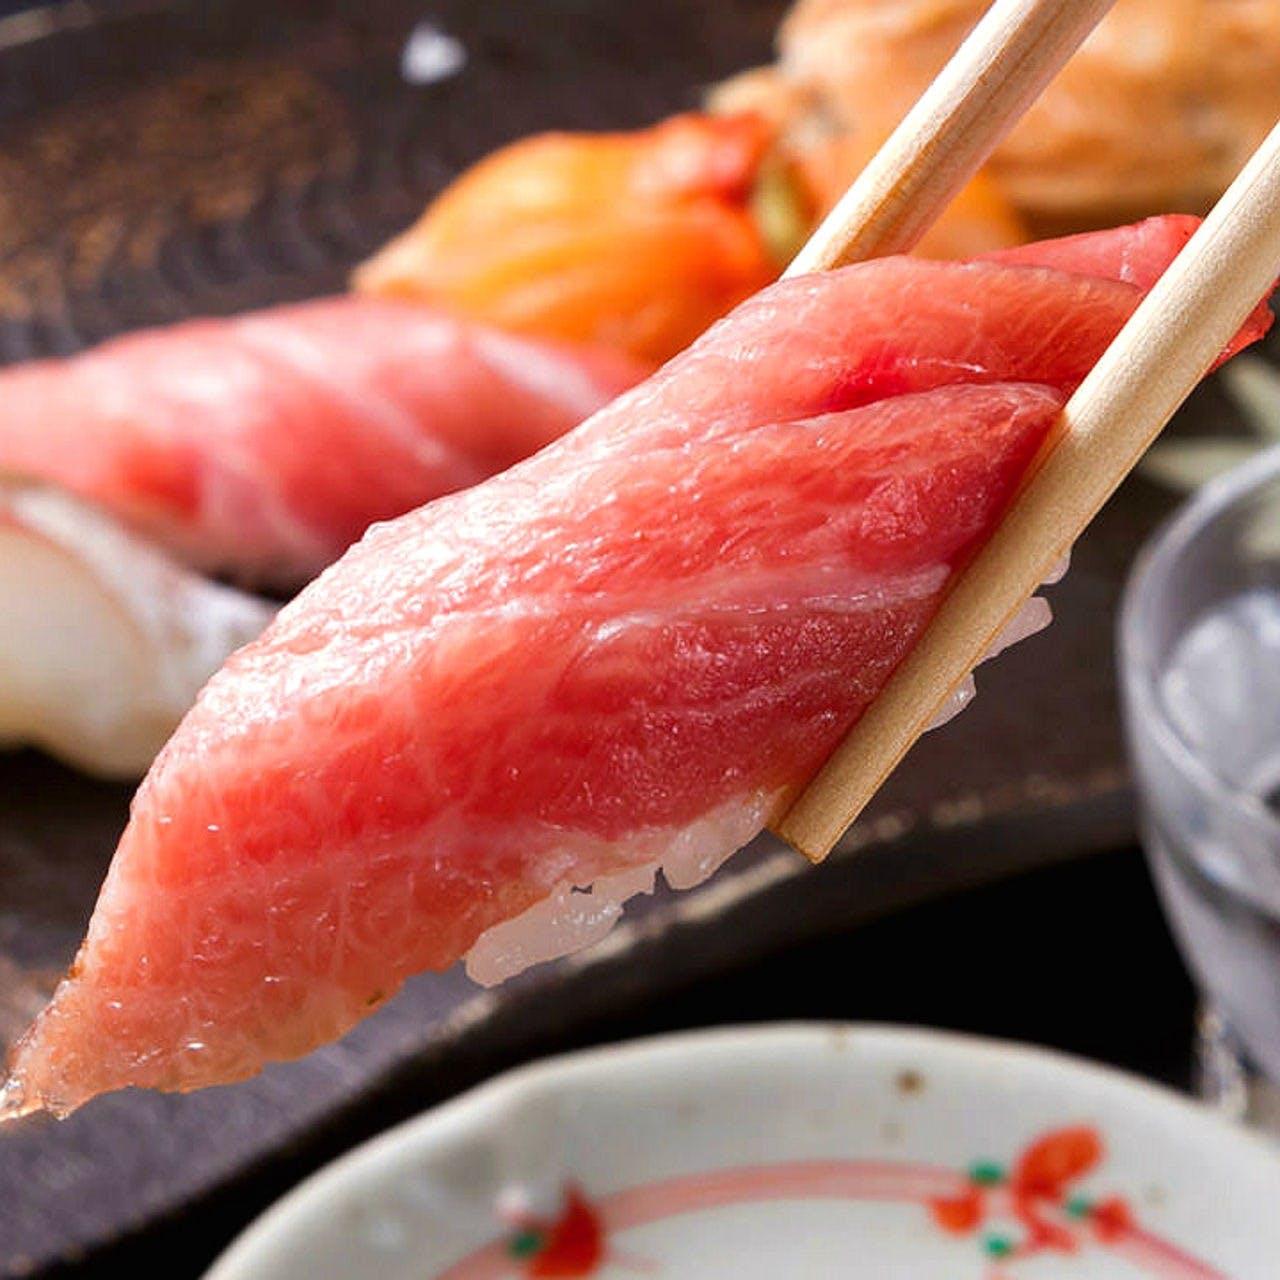 匠の技による珠玉の寿司を